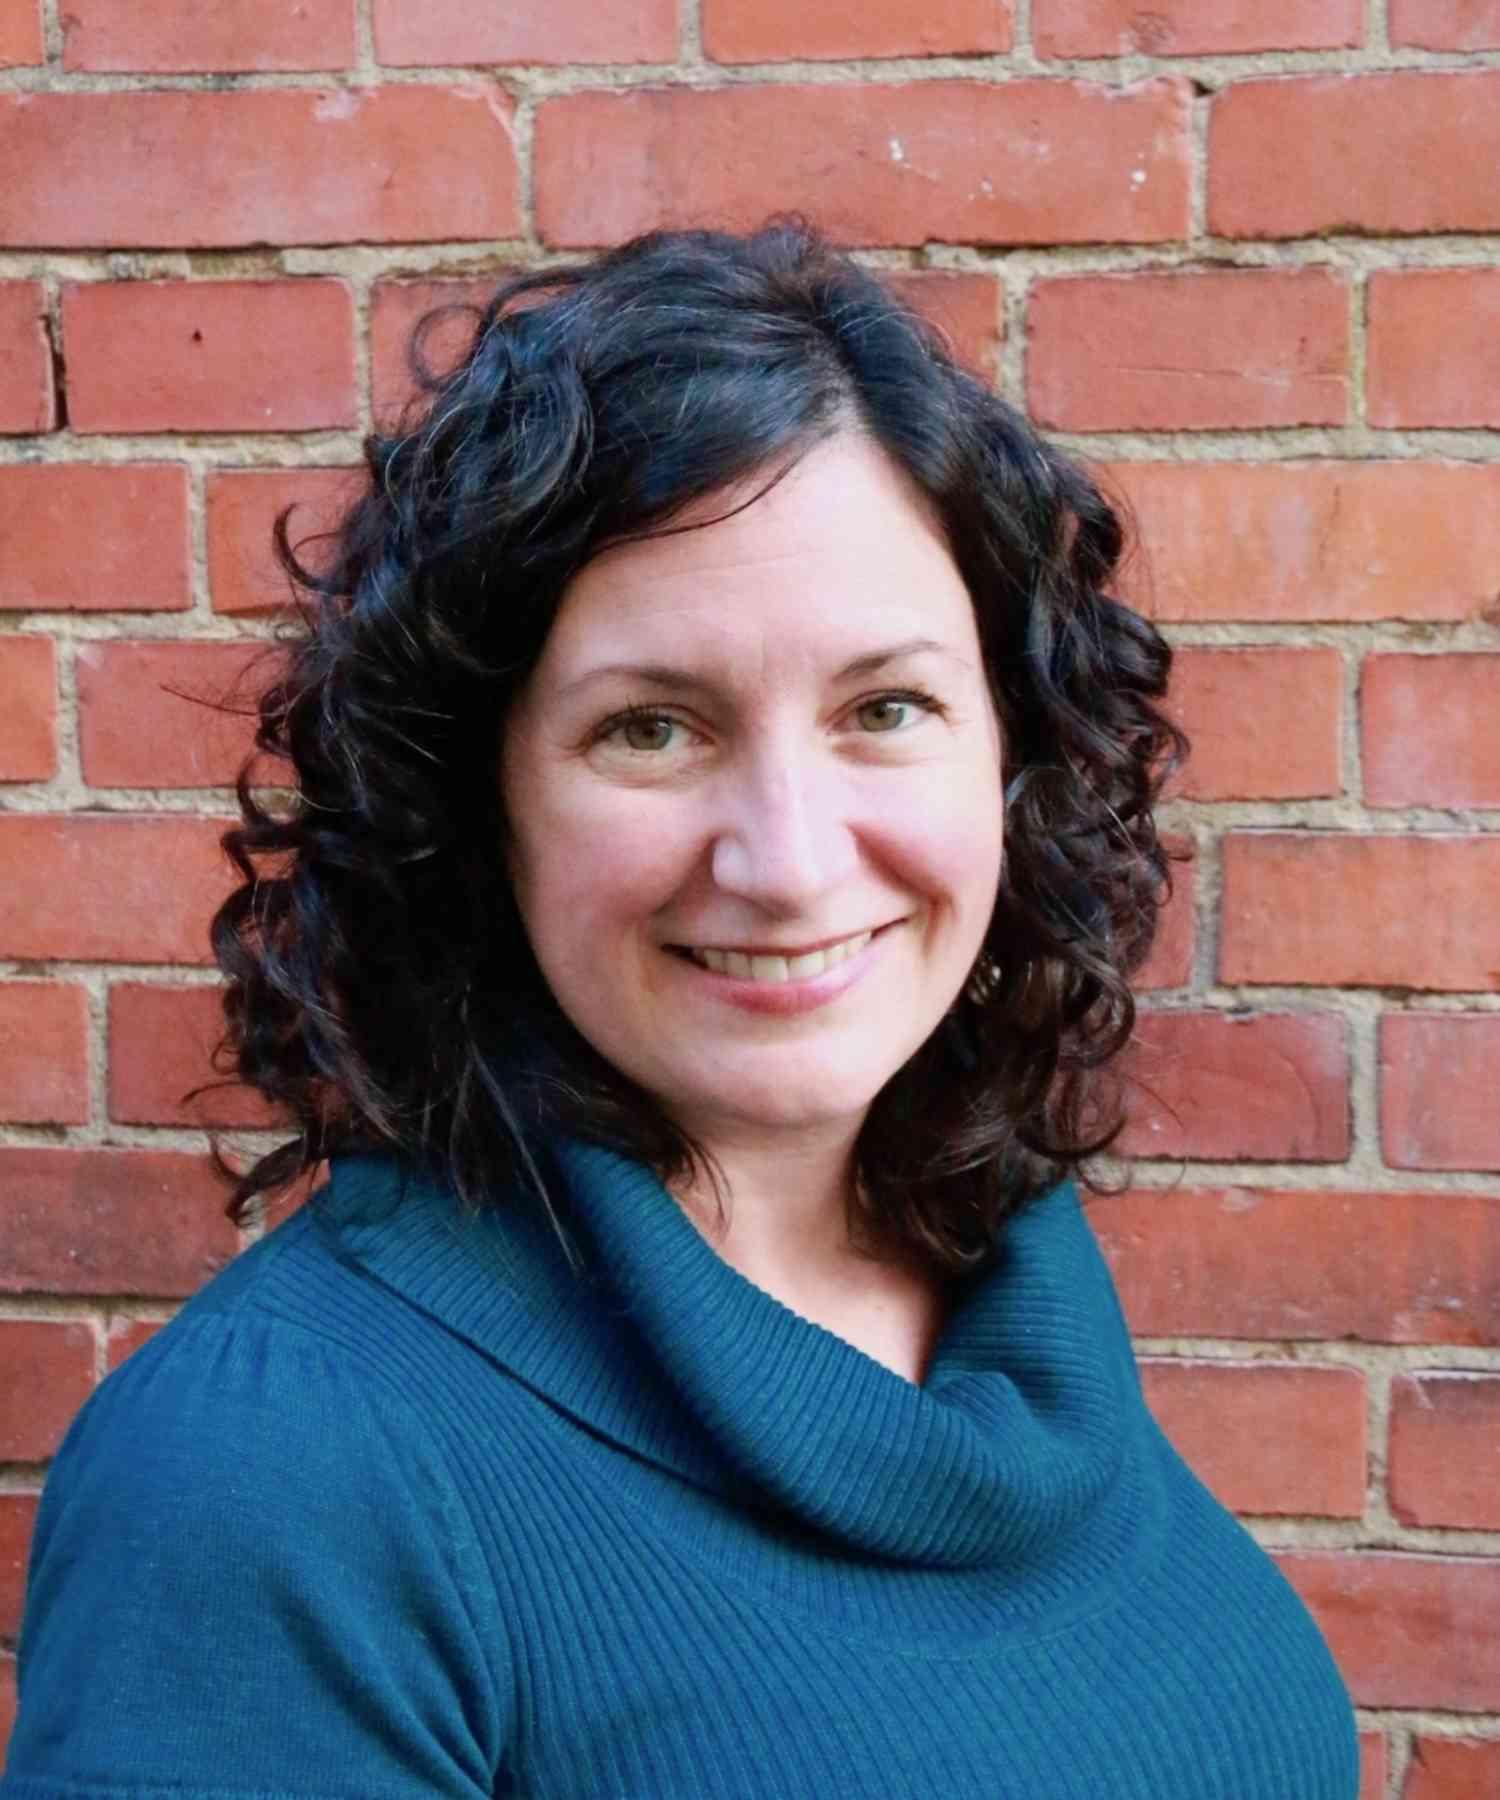 Lise portrait